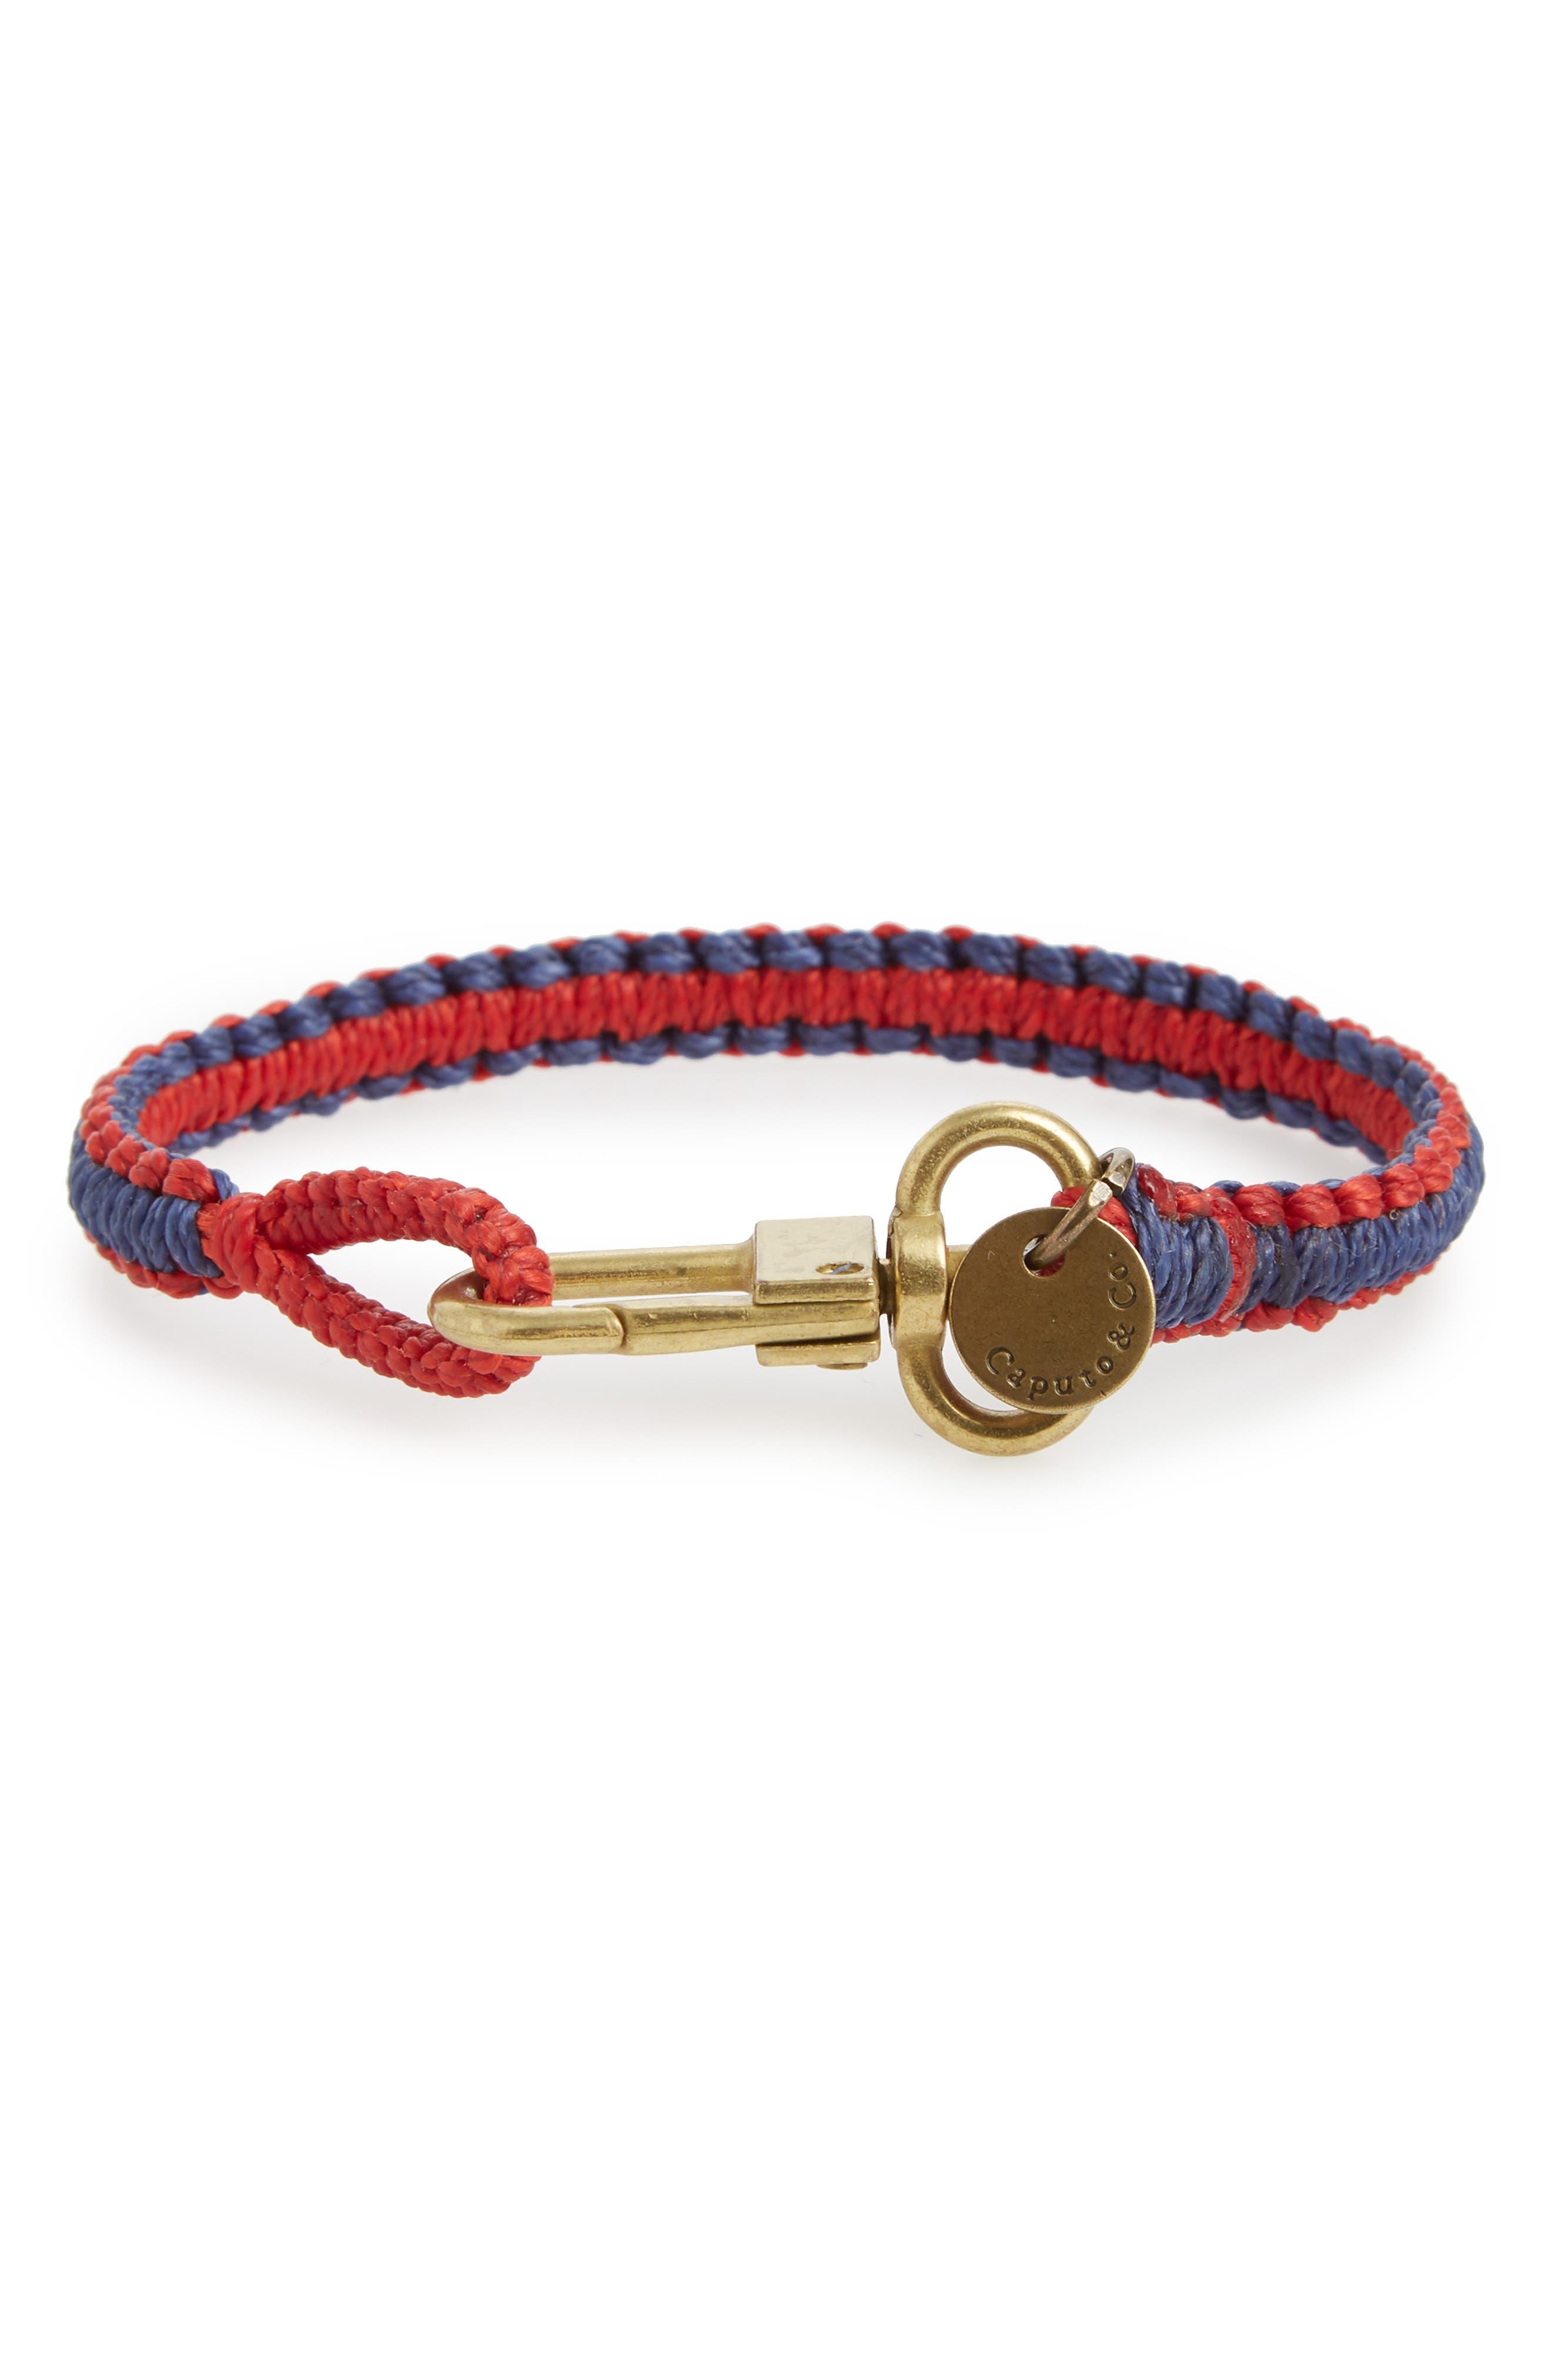 Reversible Bracelet,                             Alternate thumbnail 2, color,                             Red/ Navy